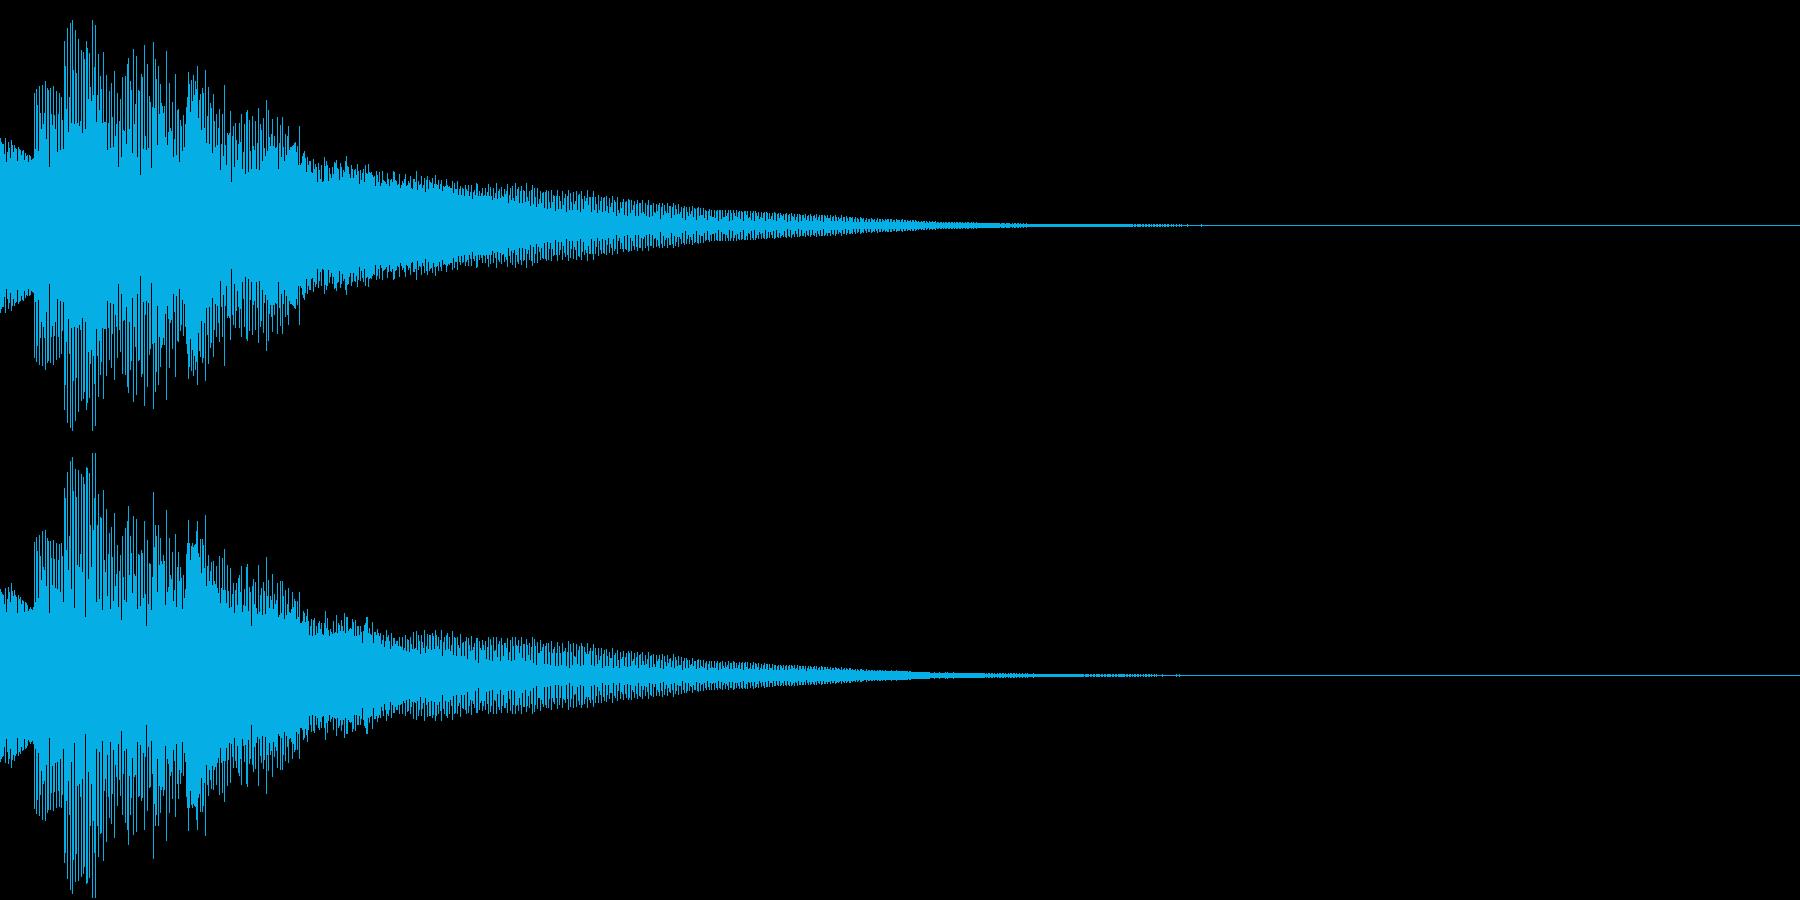 不思議な感じのジングル 場面転換 1の再生済みの波形